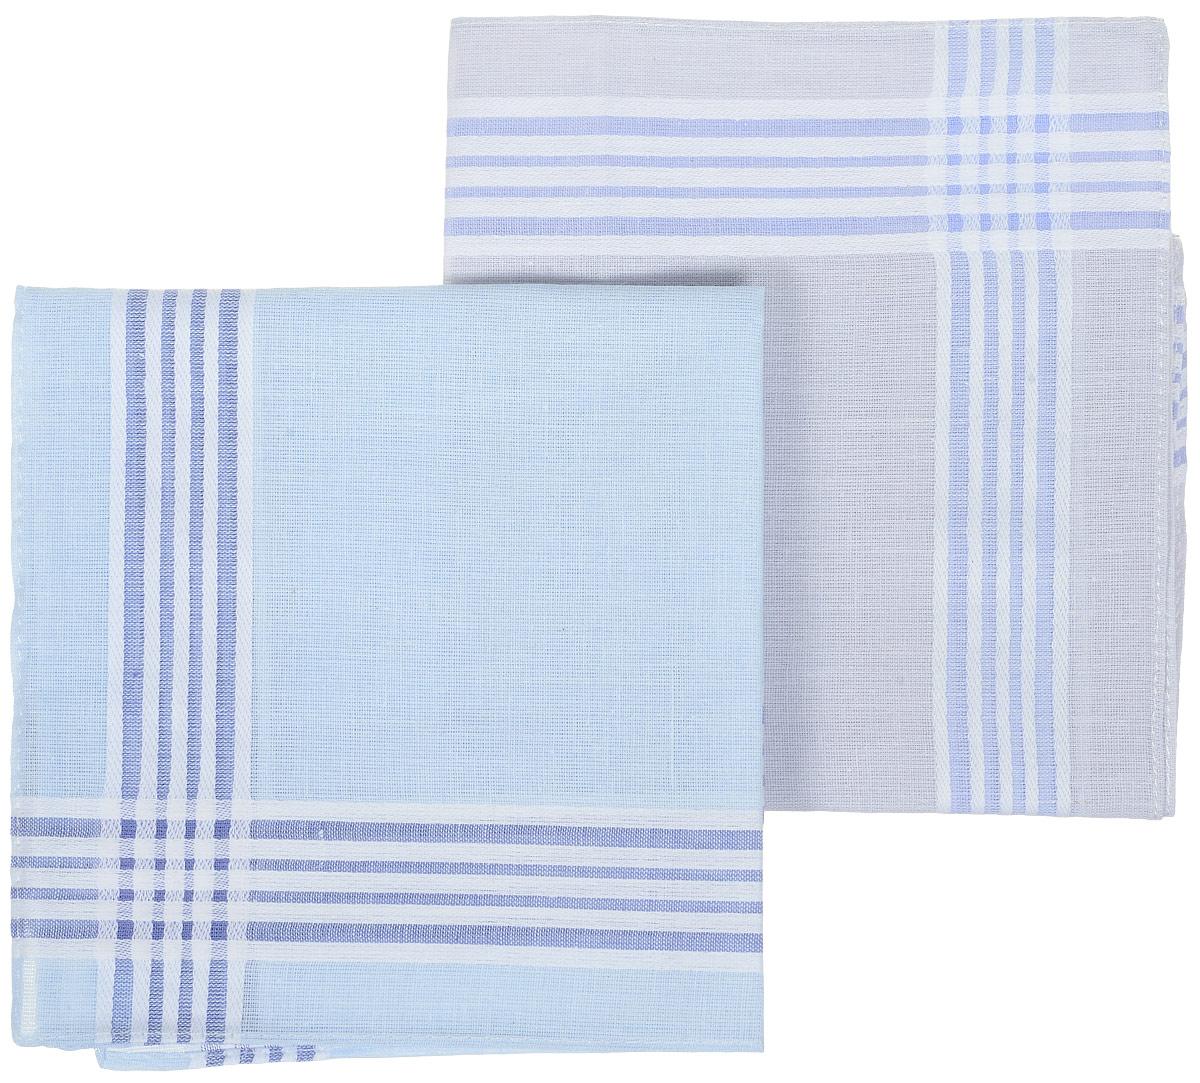 Платок носовой женский Zlata Korunka, цвет: синий, голубой, 4 шт. 71417. Размер 28 х 27 смАжурная брошьЖенский носовой платок Zlata Korunka изготовлен из натурального хлопка, приятный в использовании, хорошо стирается, материал не садится и отлично впитывает влагу.